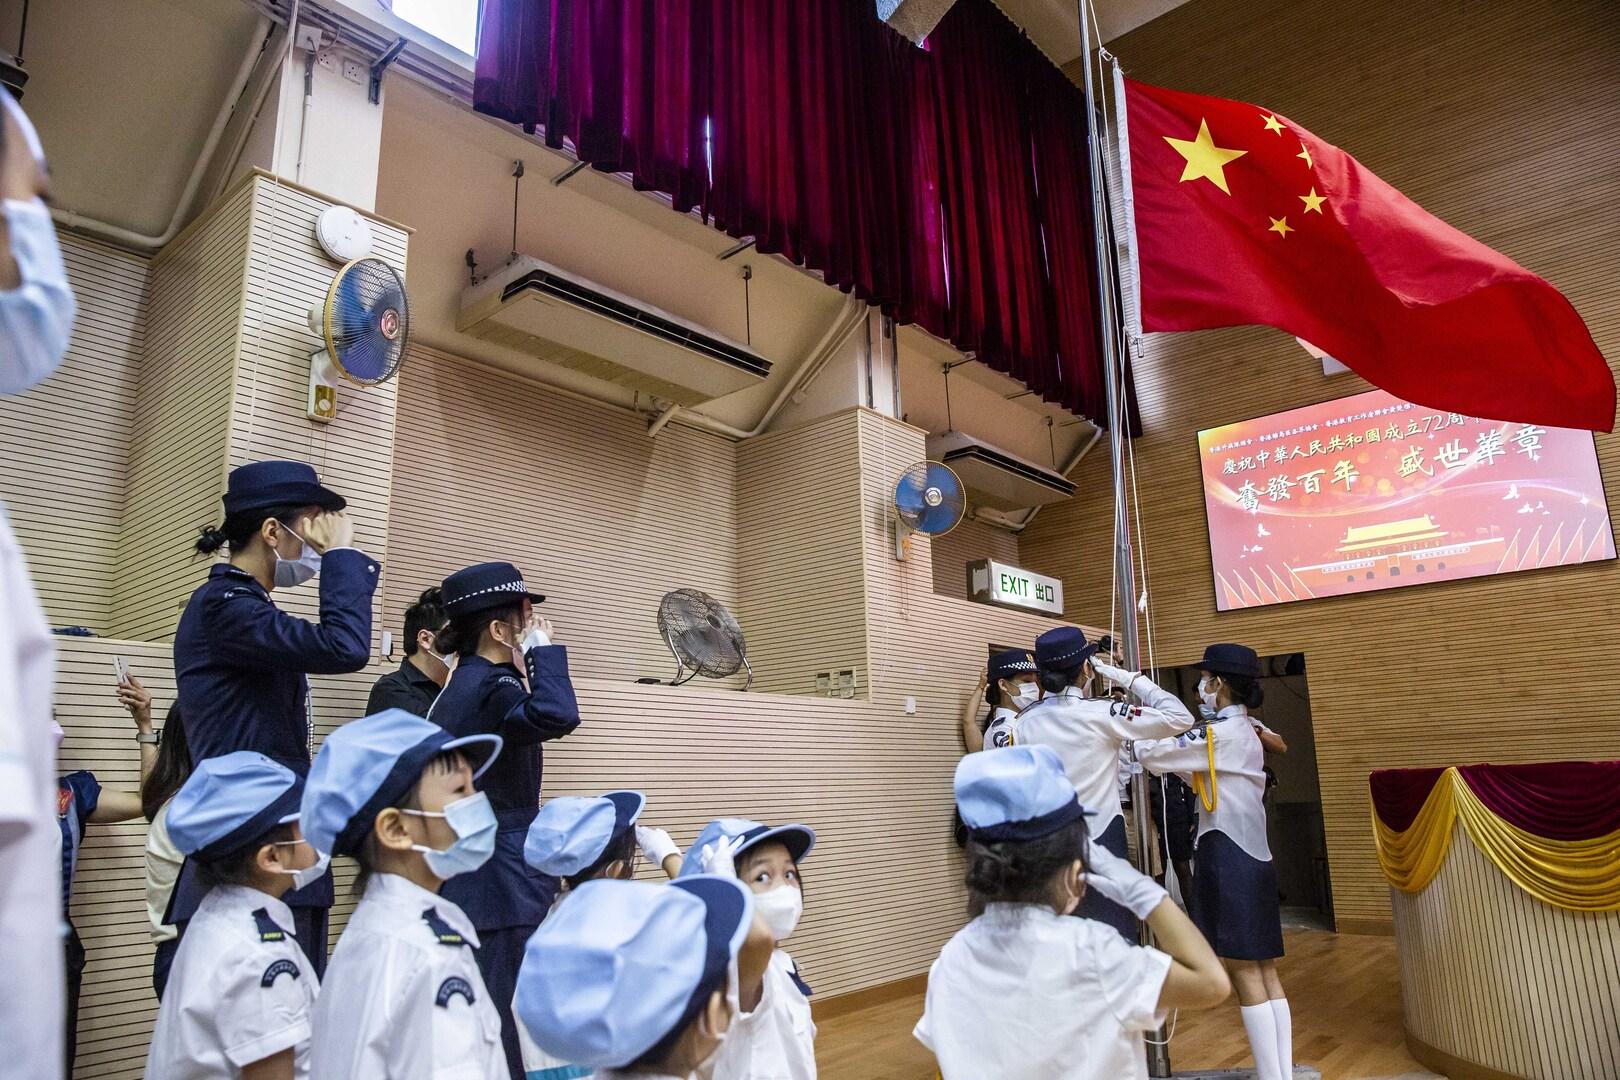 الصين.. إقرار قانون للحد من ضغط الواجبات المنزلية والدروس على الأطفال